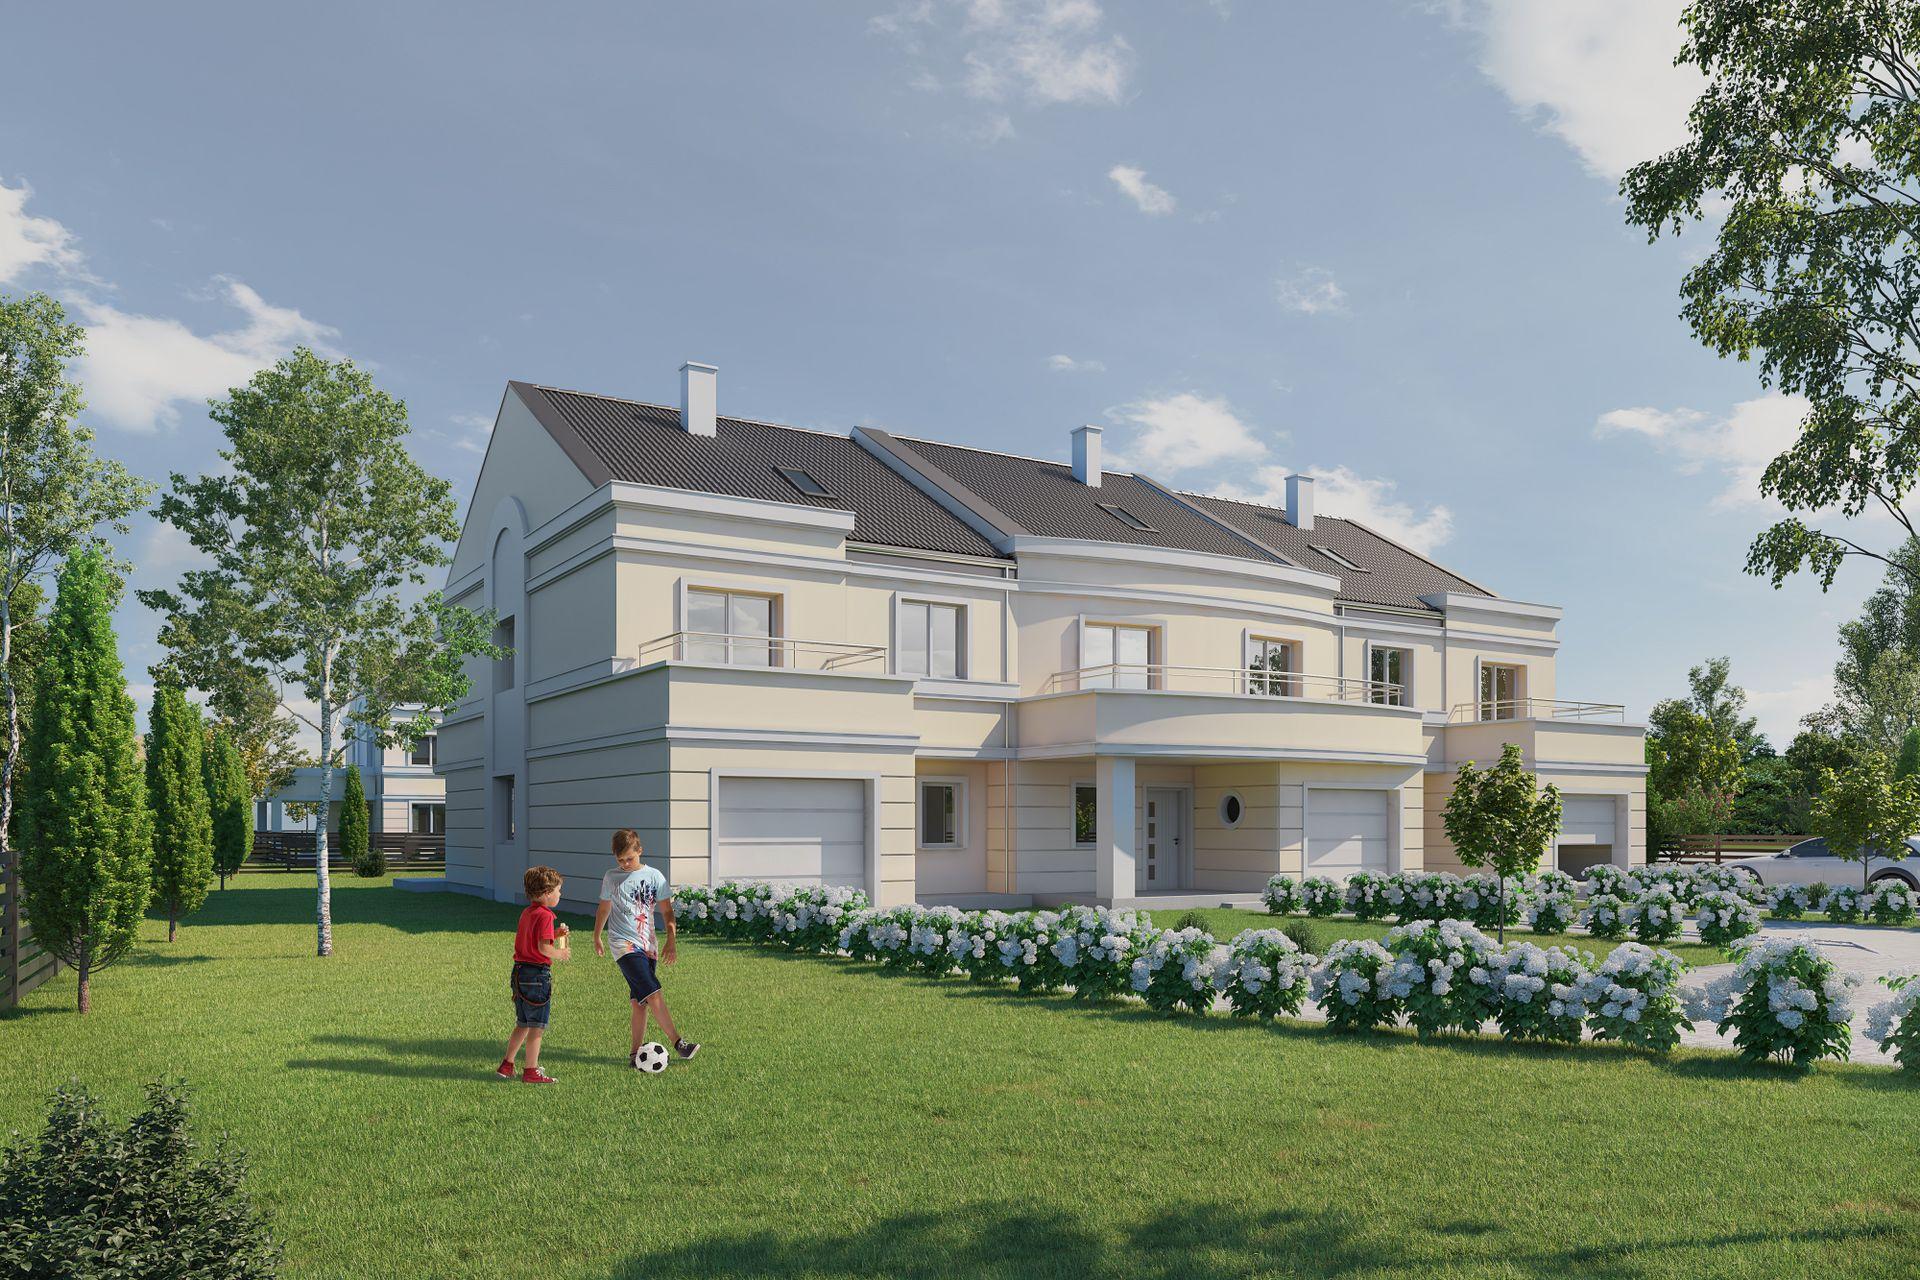 Wrocław: Villa Elegante – Comodomo buduje na Wojszycach wille inspirowane architekturą południa